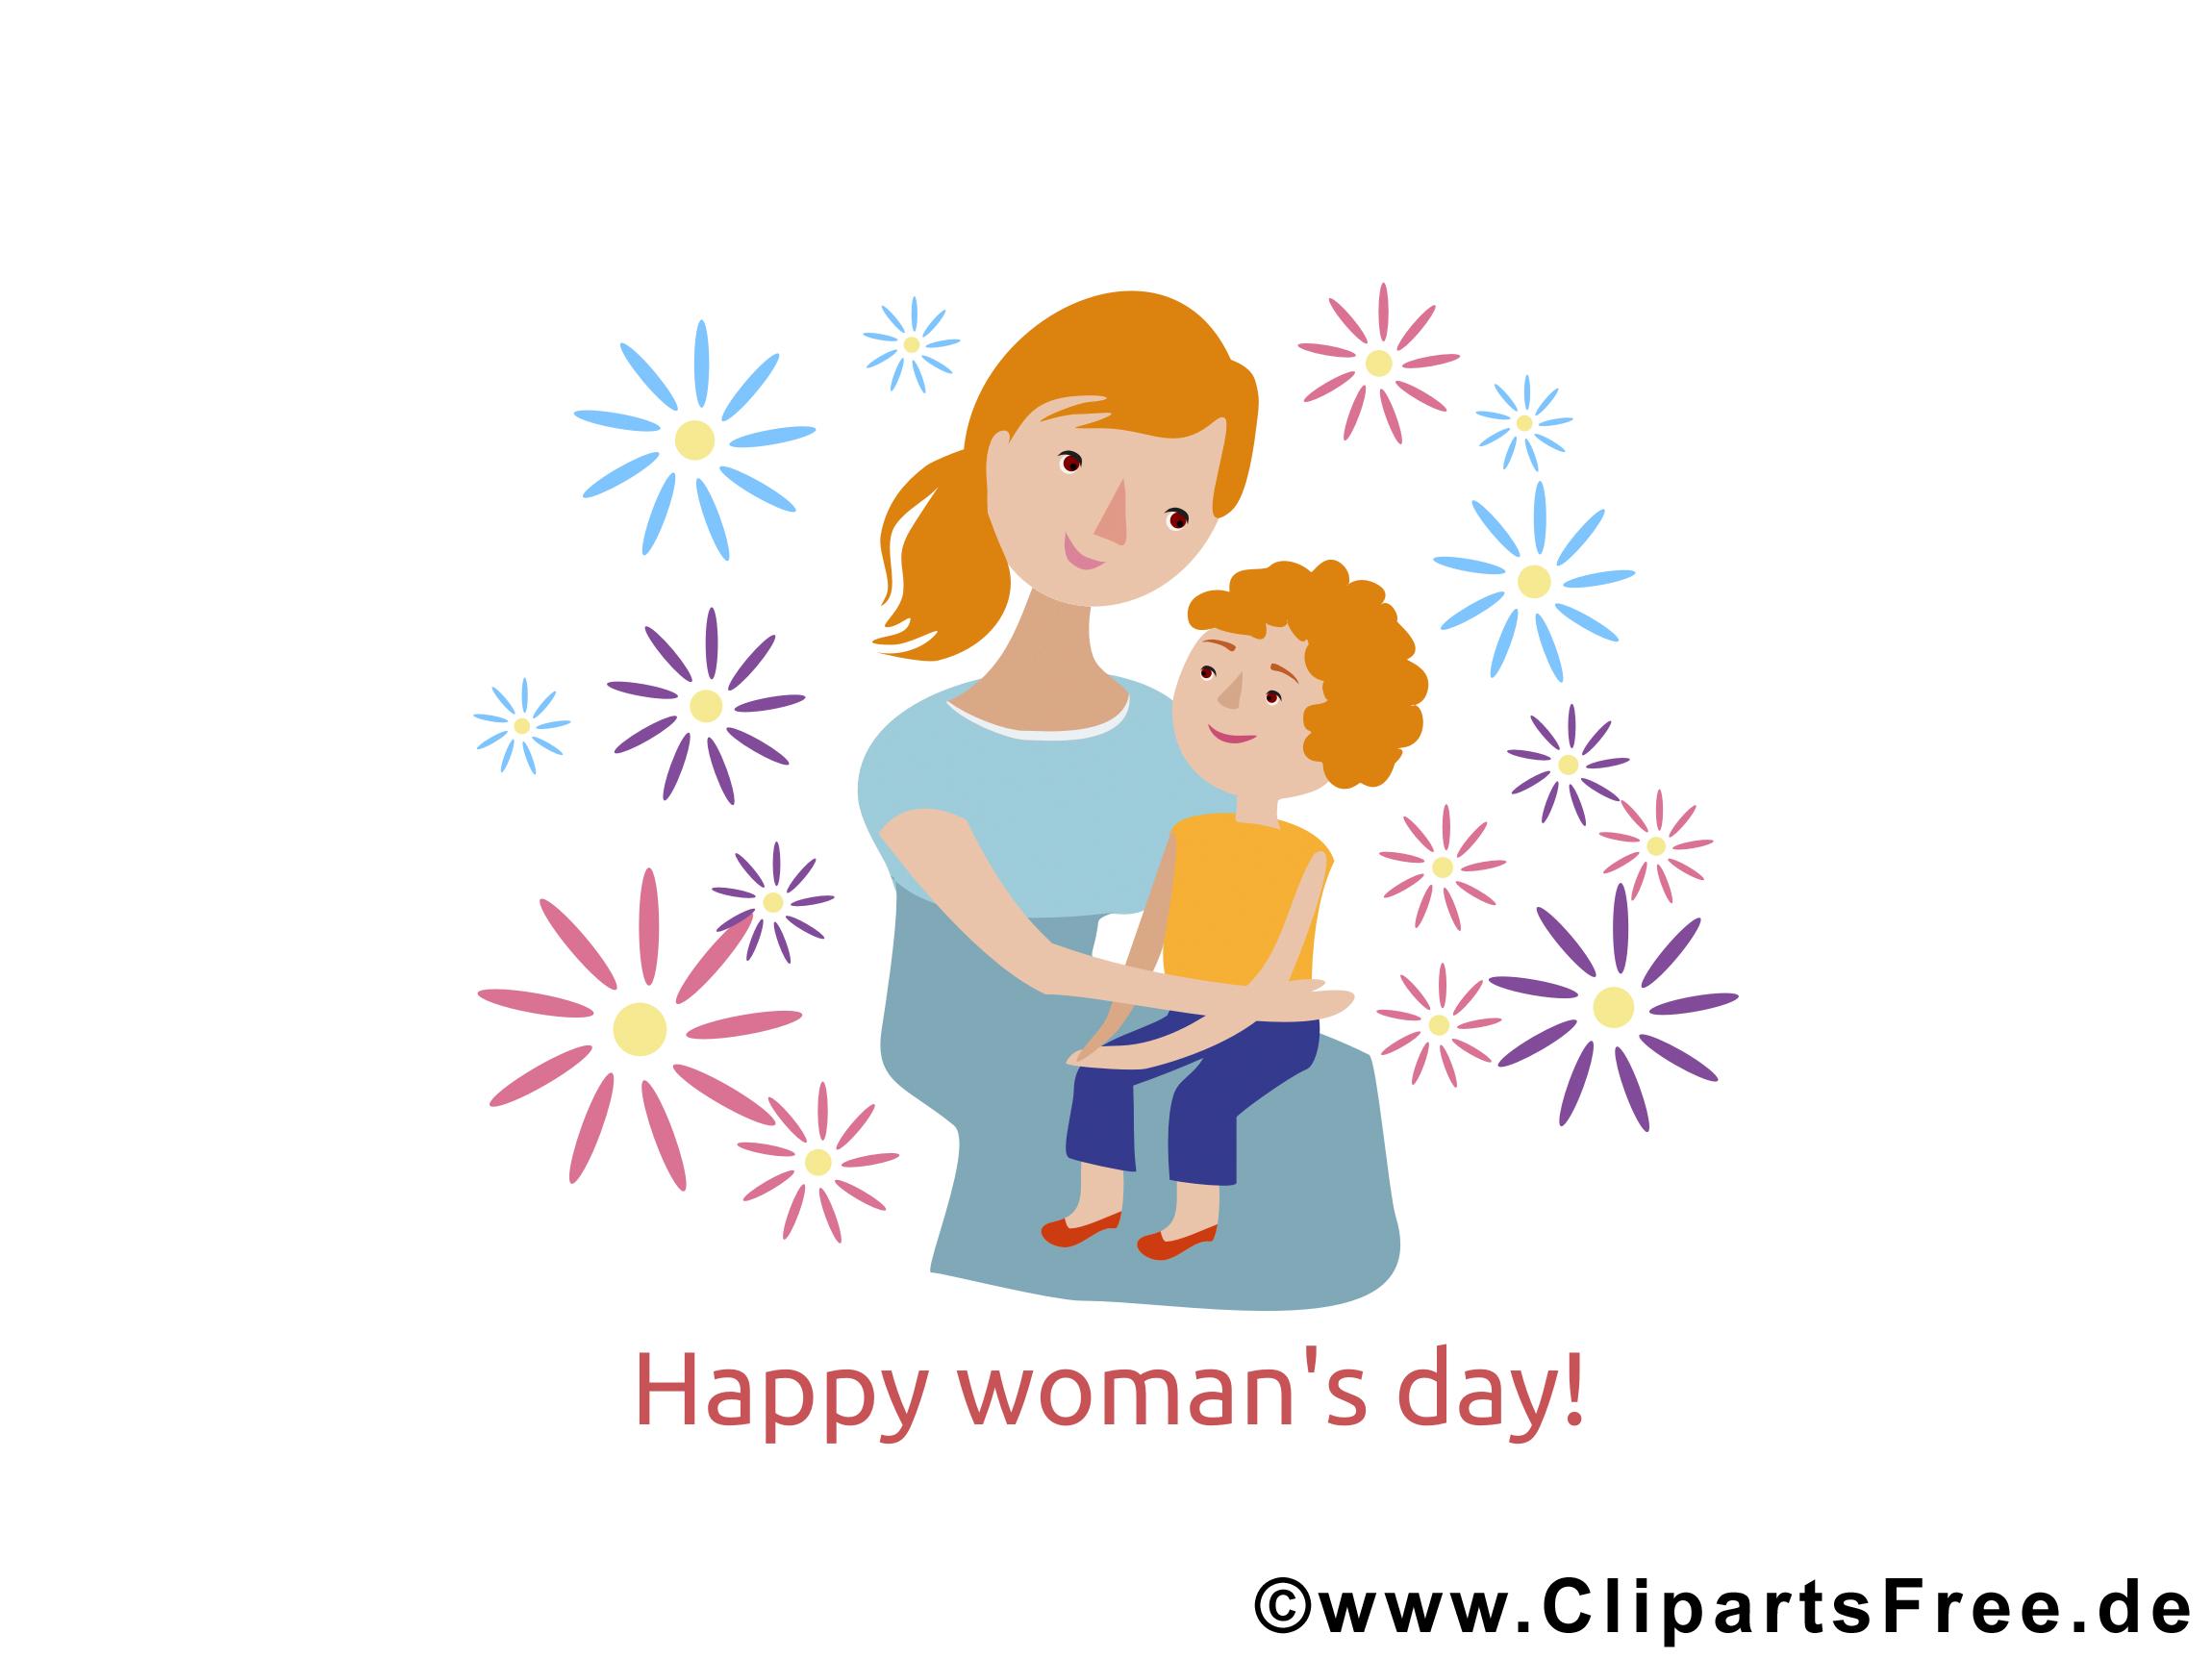 Glückwuensche zum Welt Frauentag